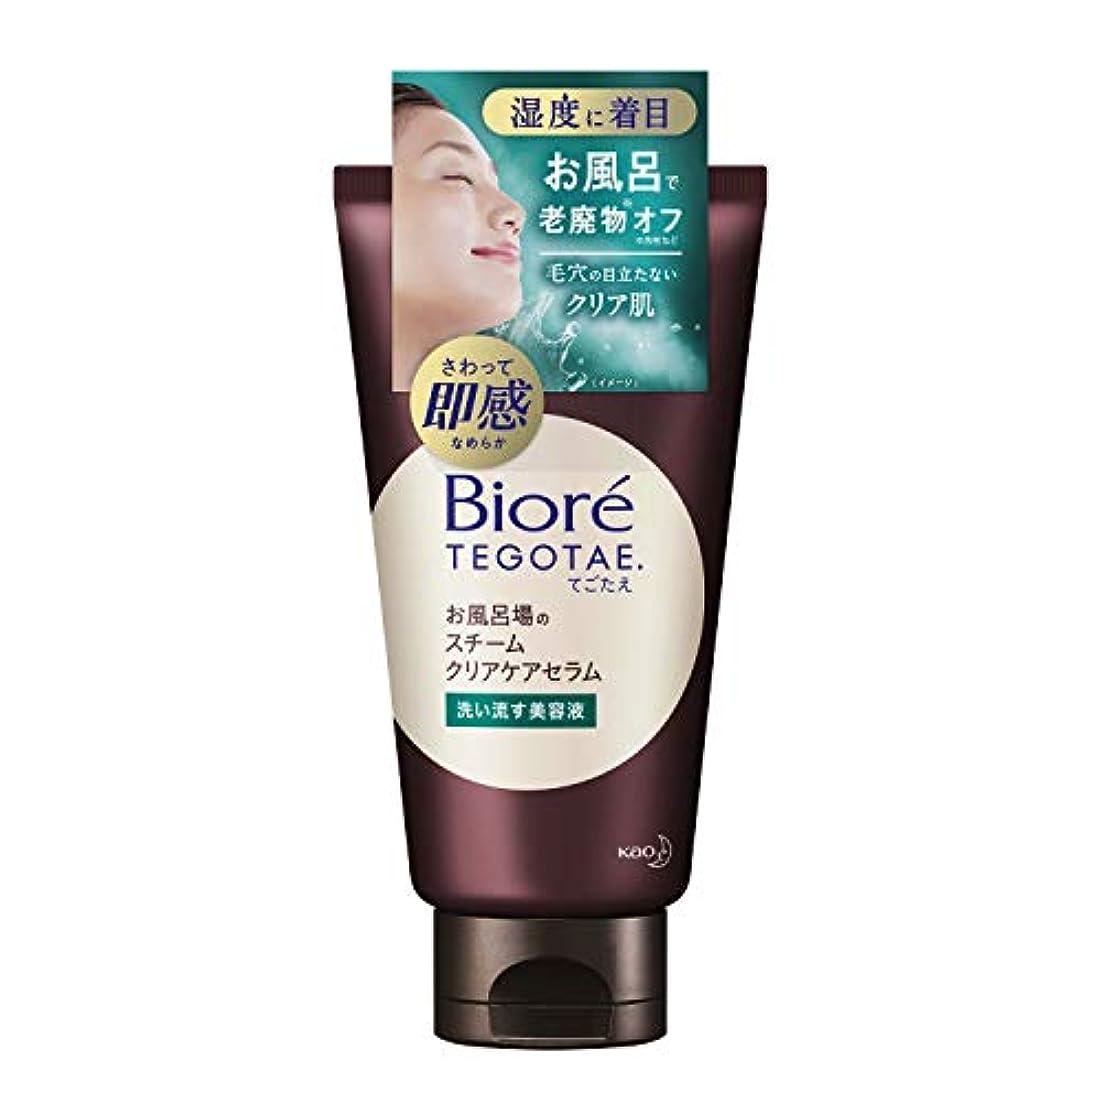 ハント適格震えビオレTEGOTAE(テゴタエ) お風呂場のスチームクリアケアセラム 美容液 グリーンフローラルの香り 150g